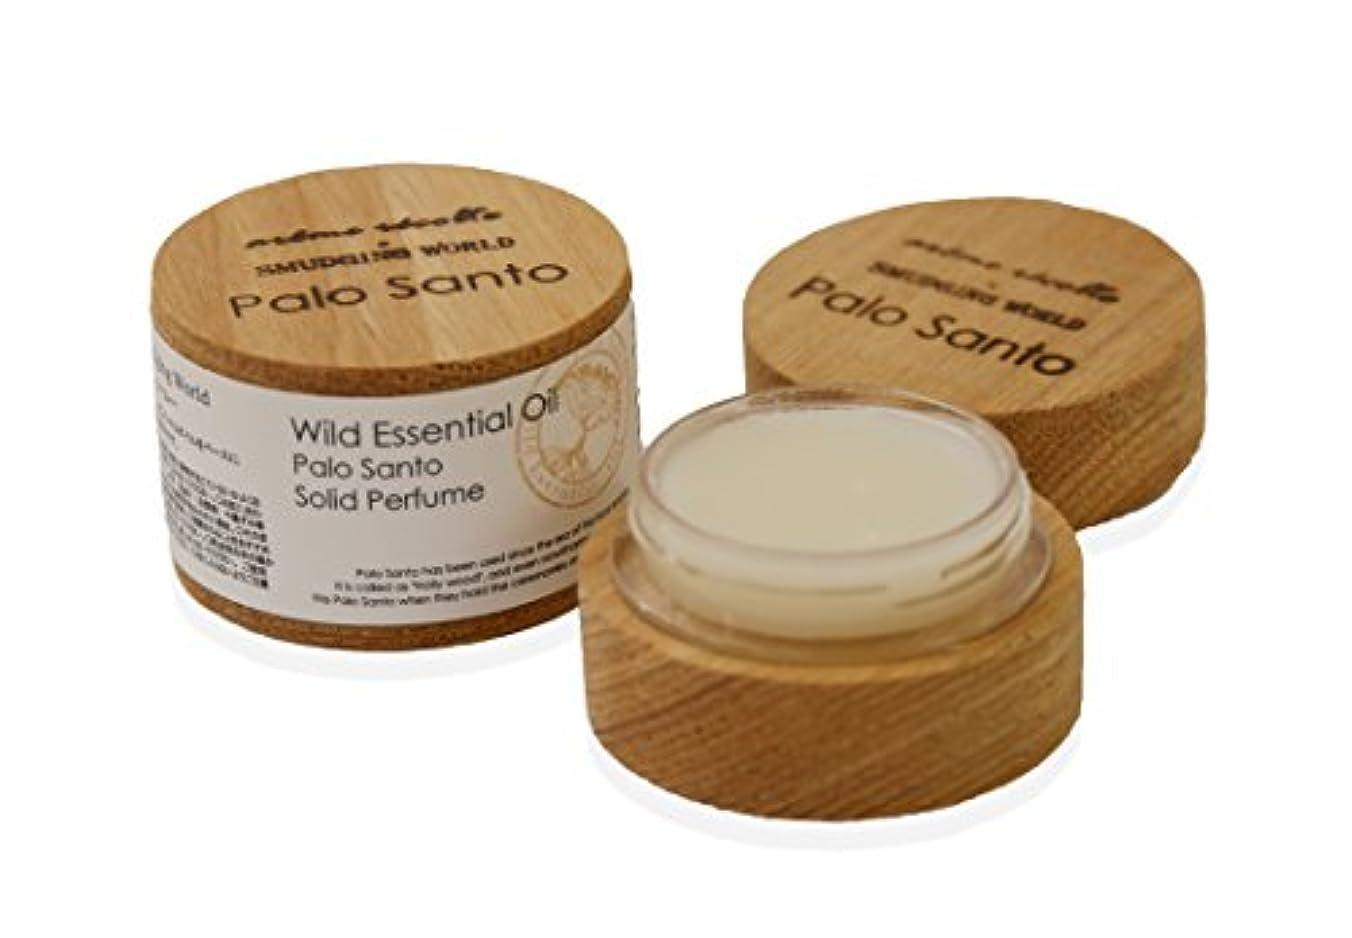 ミケランジェロ魂昼寝アロマレコルト ソリッドパフューム パロサント 【Palo Santo】 ワイルド エッセンシャルオイル wild essential oil solid parfum arome recolte